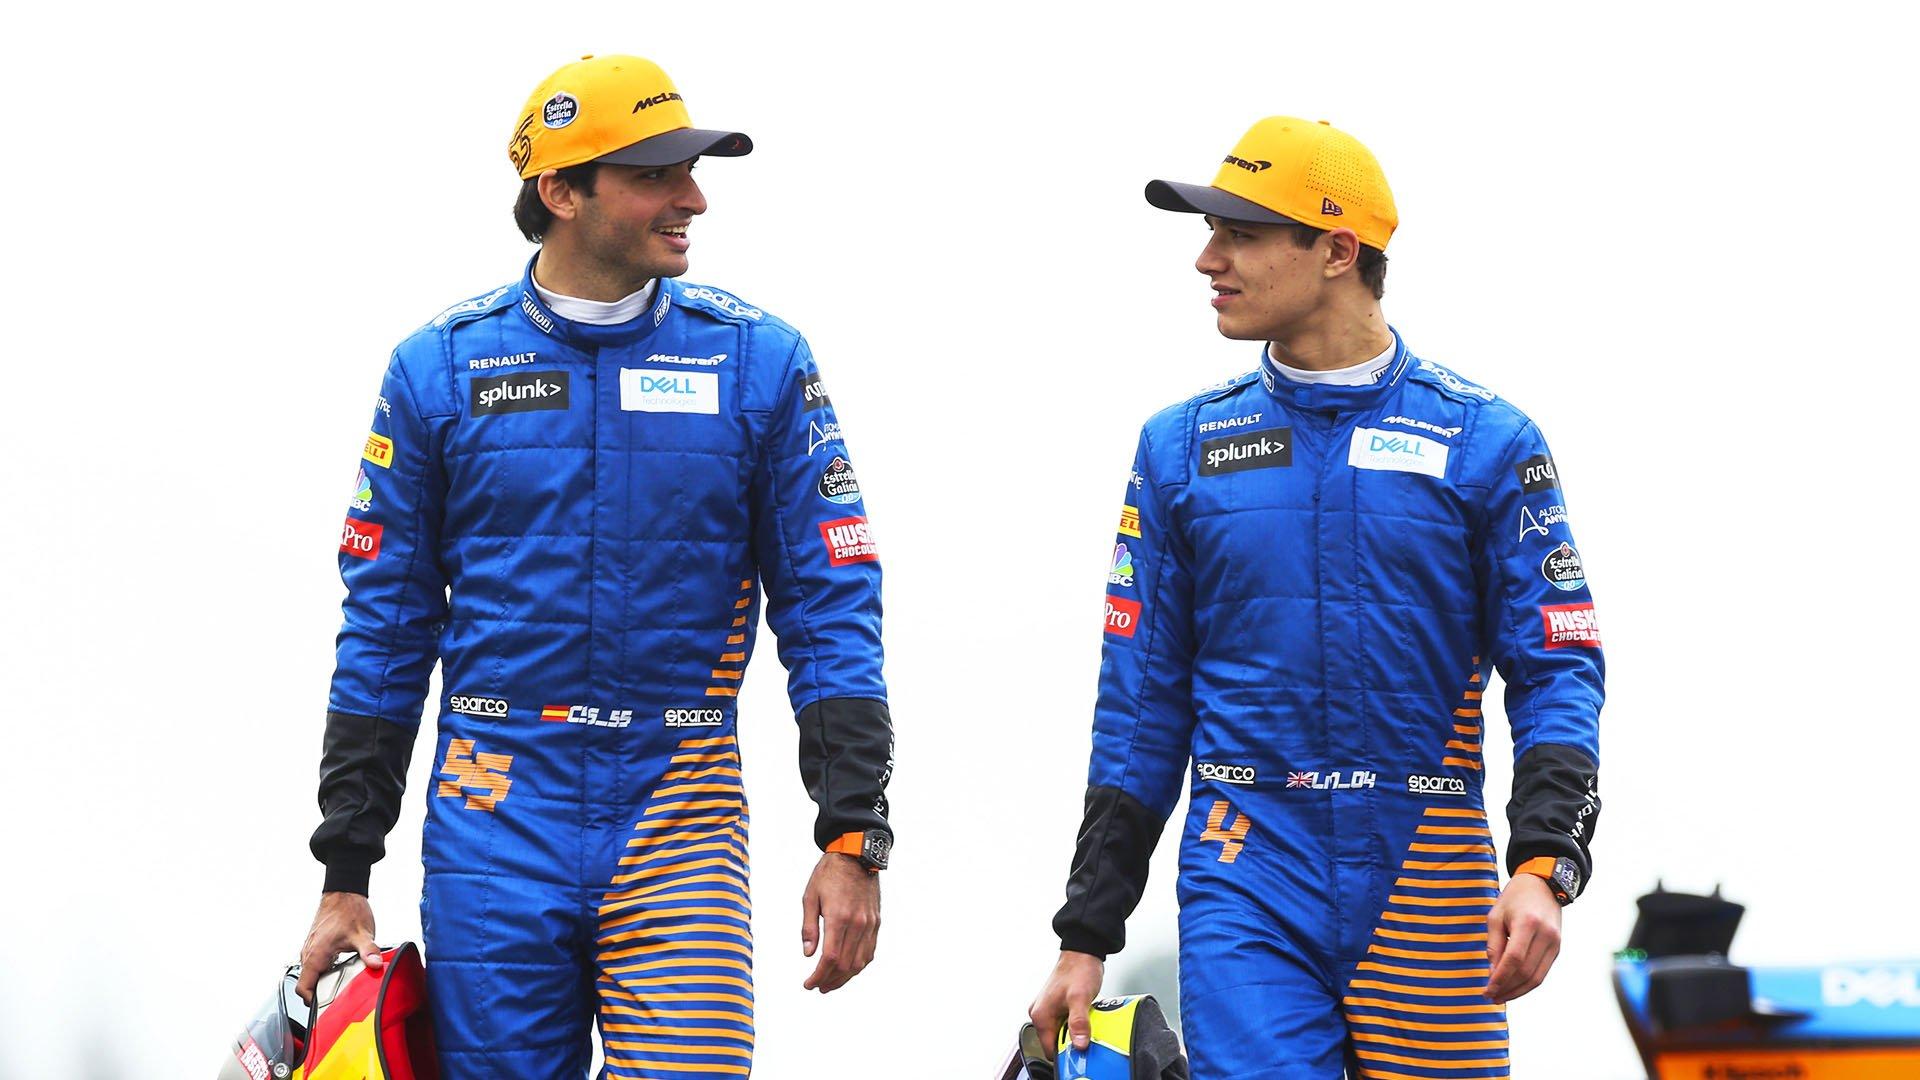 Формула-1. Квалификация Гран-при Штирии. Прогноз и ставка: Норрис опередит напарника по команде